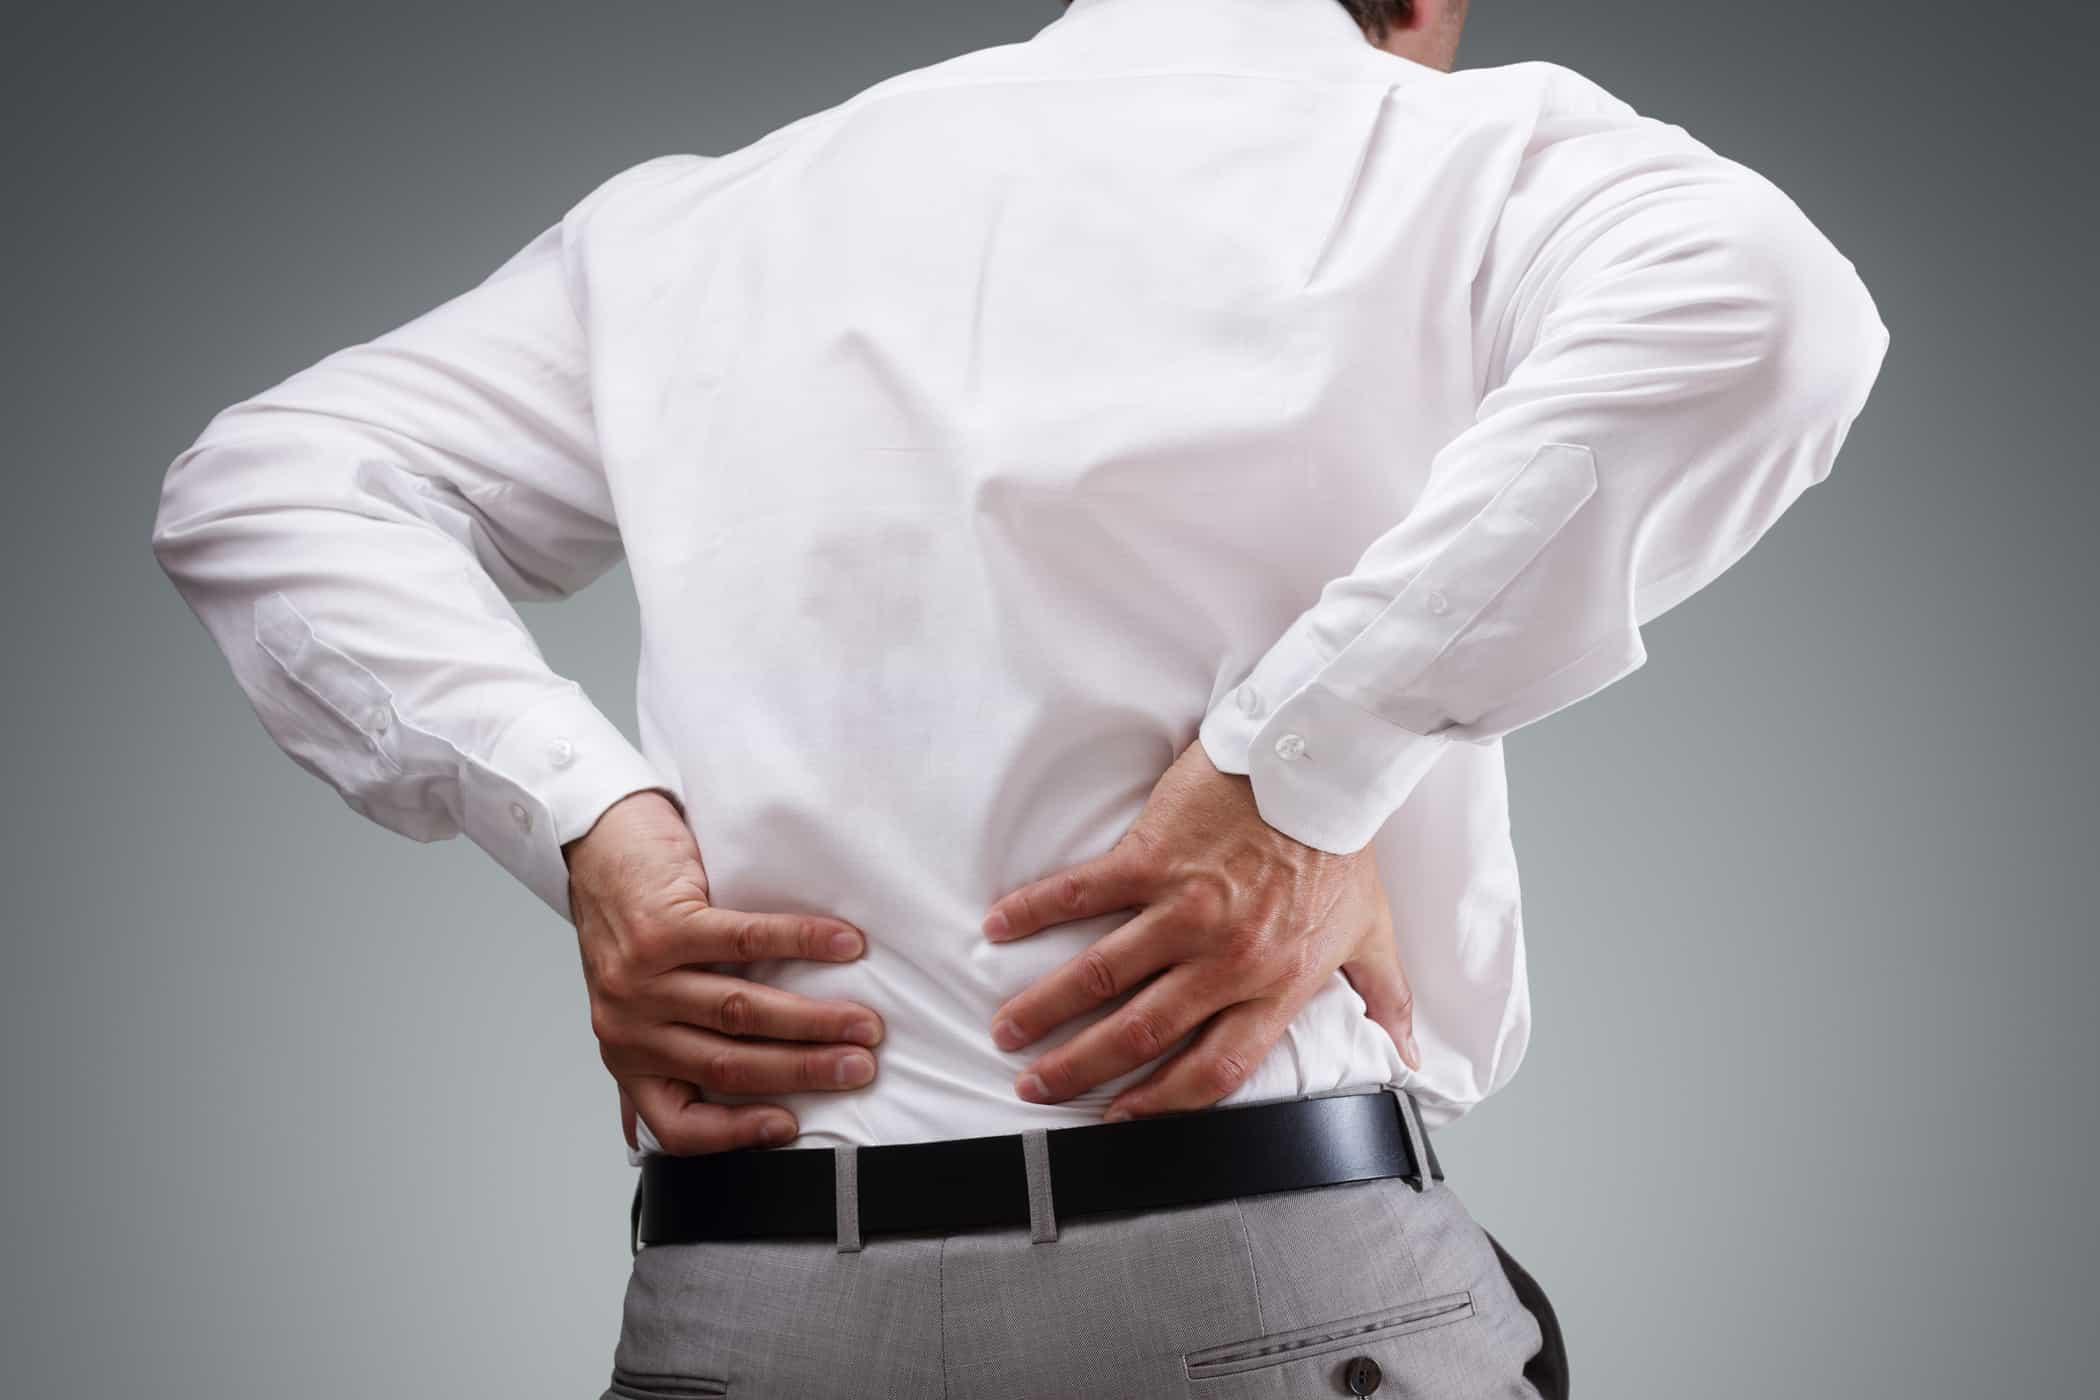 Đau ở vùng lưng là dấu hiệu nhận biết bệnhgai cột sống thắt lưng